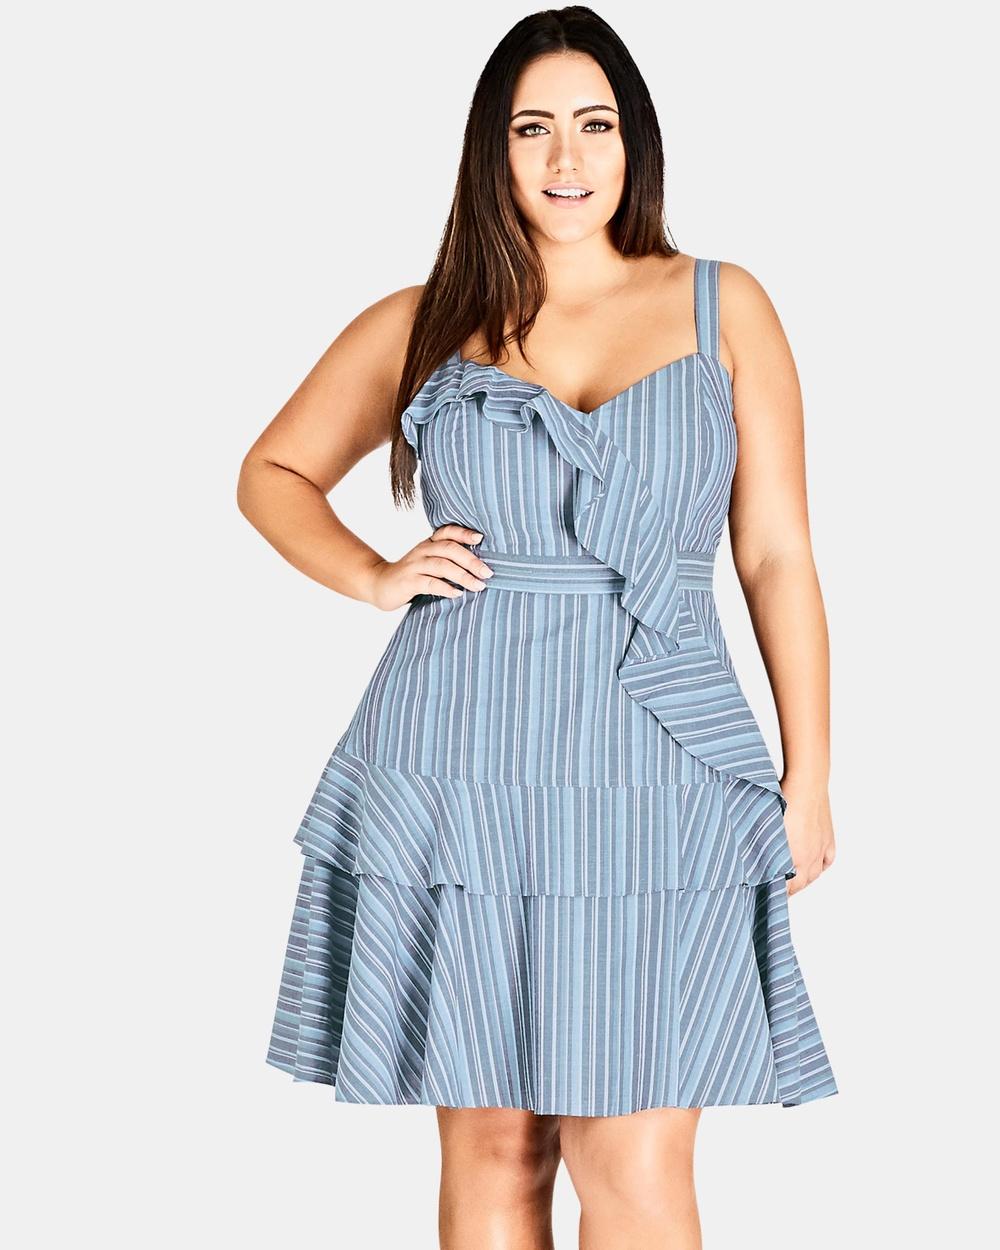 City Chic Summer Ruffle Dress Dresses Blue Summer Ruffle Dress